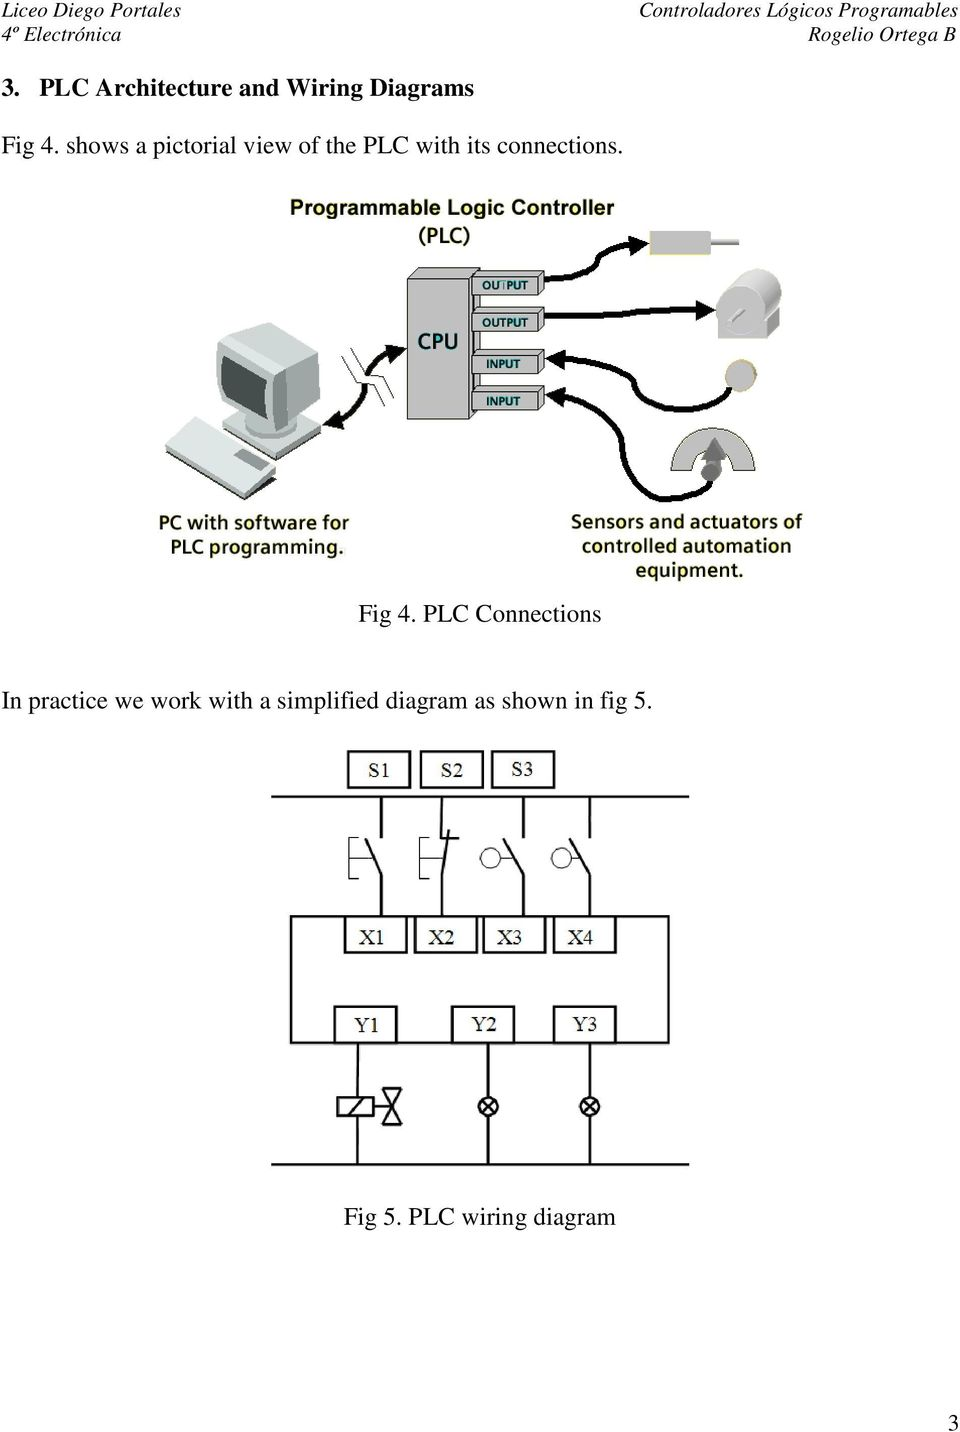 belarus 250as wiring diagram x720 john deere fuse block